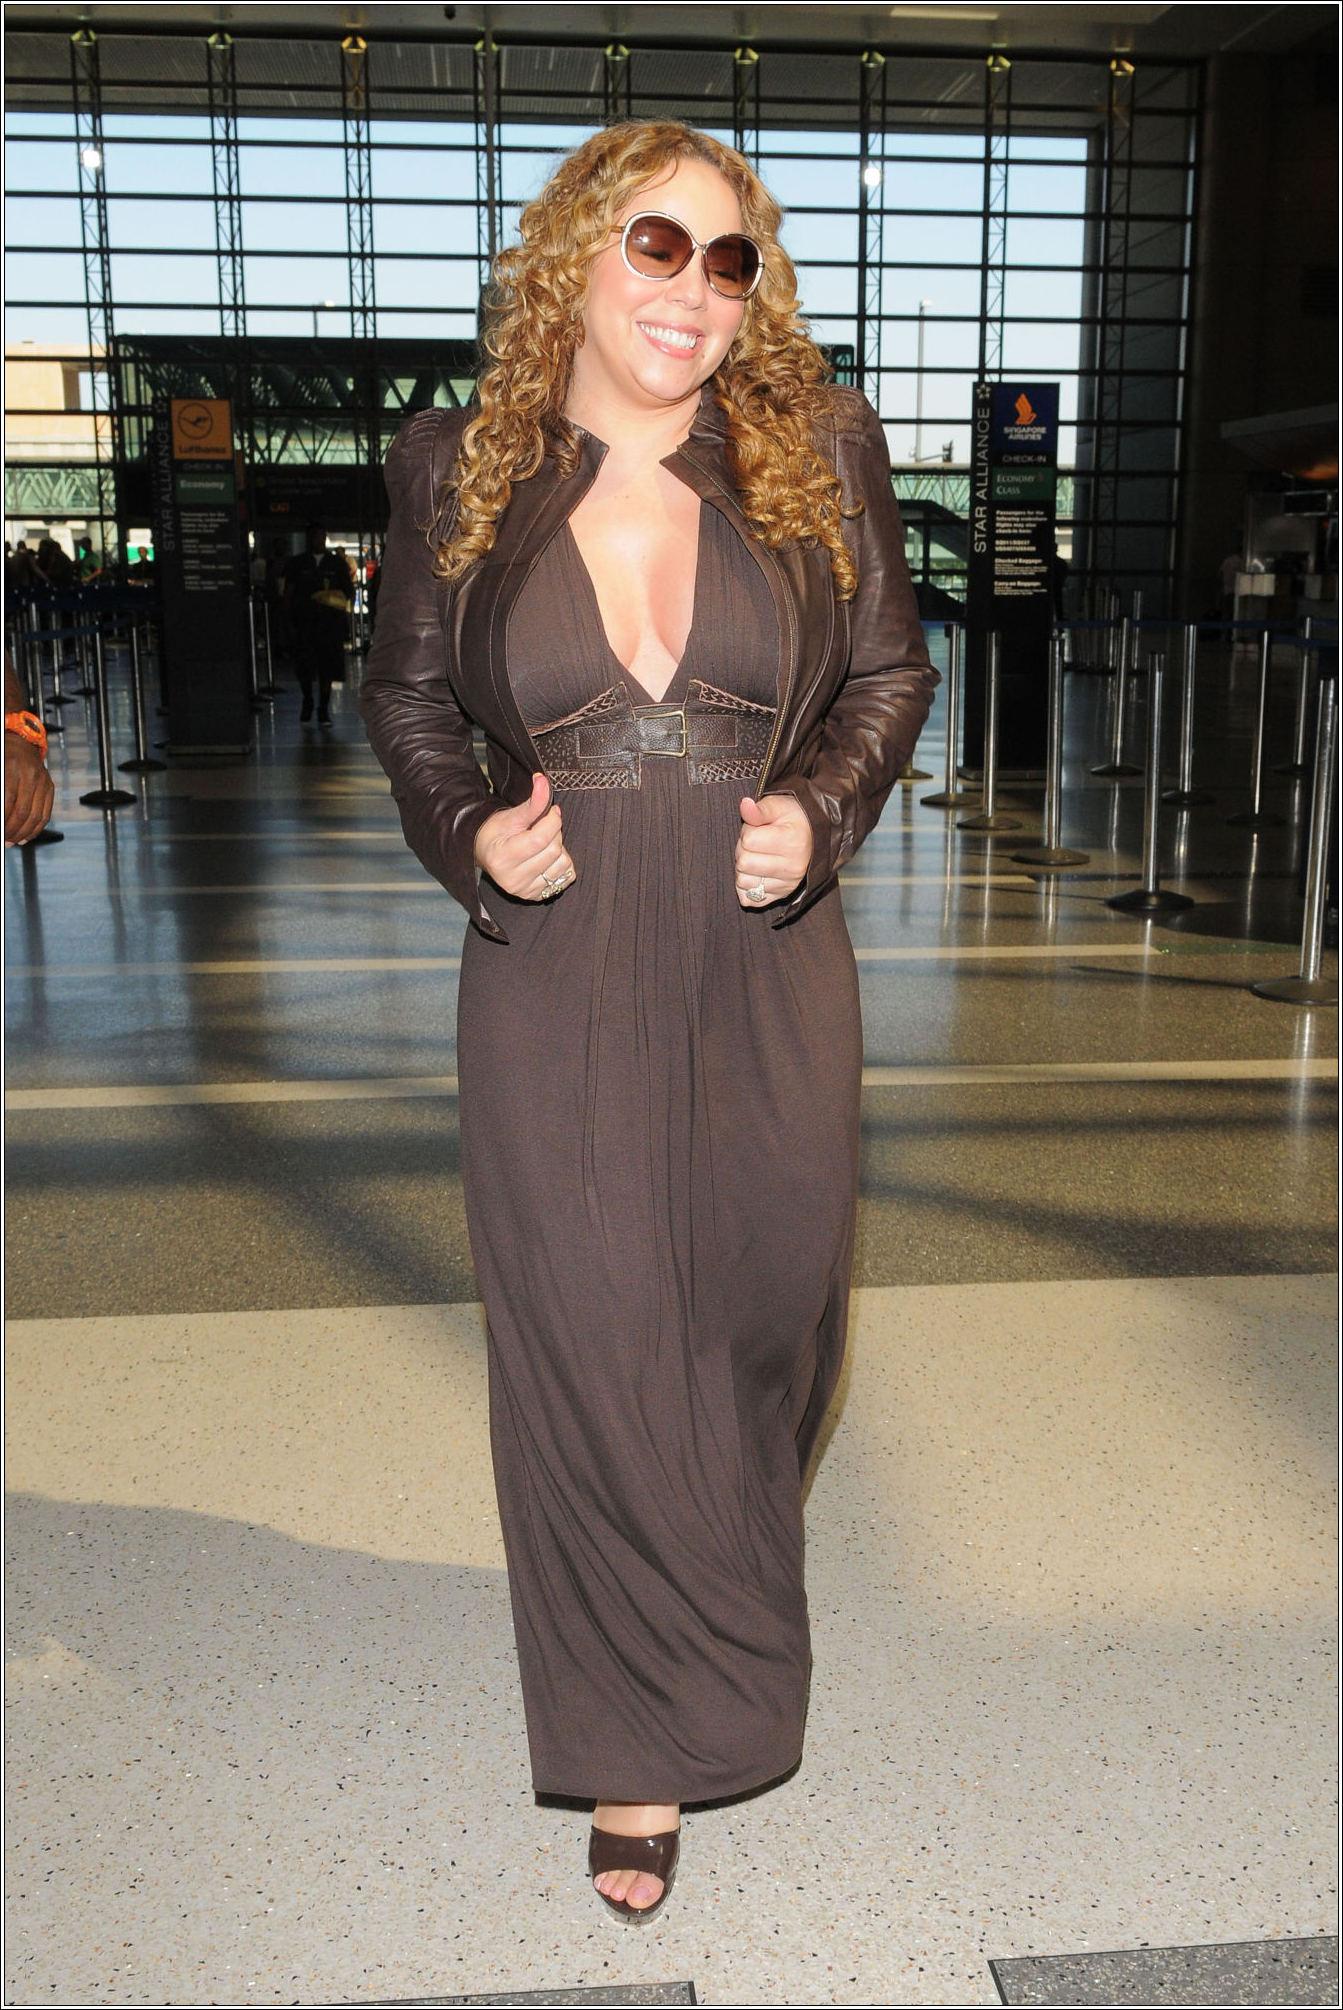 mariah2 Hot Shots: Mariah Carey At LAX